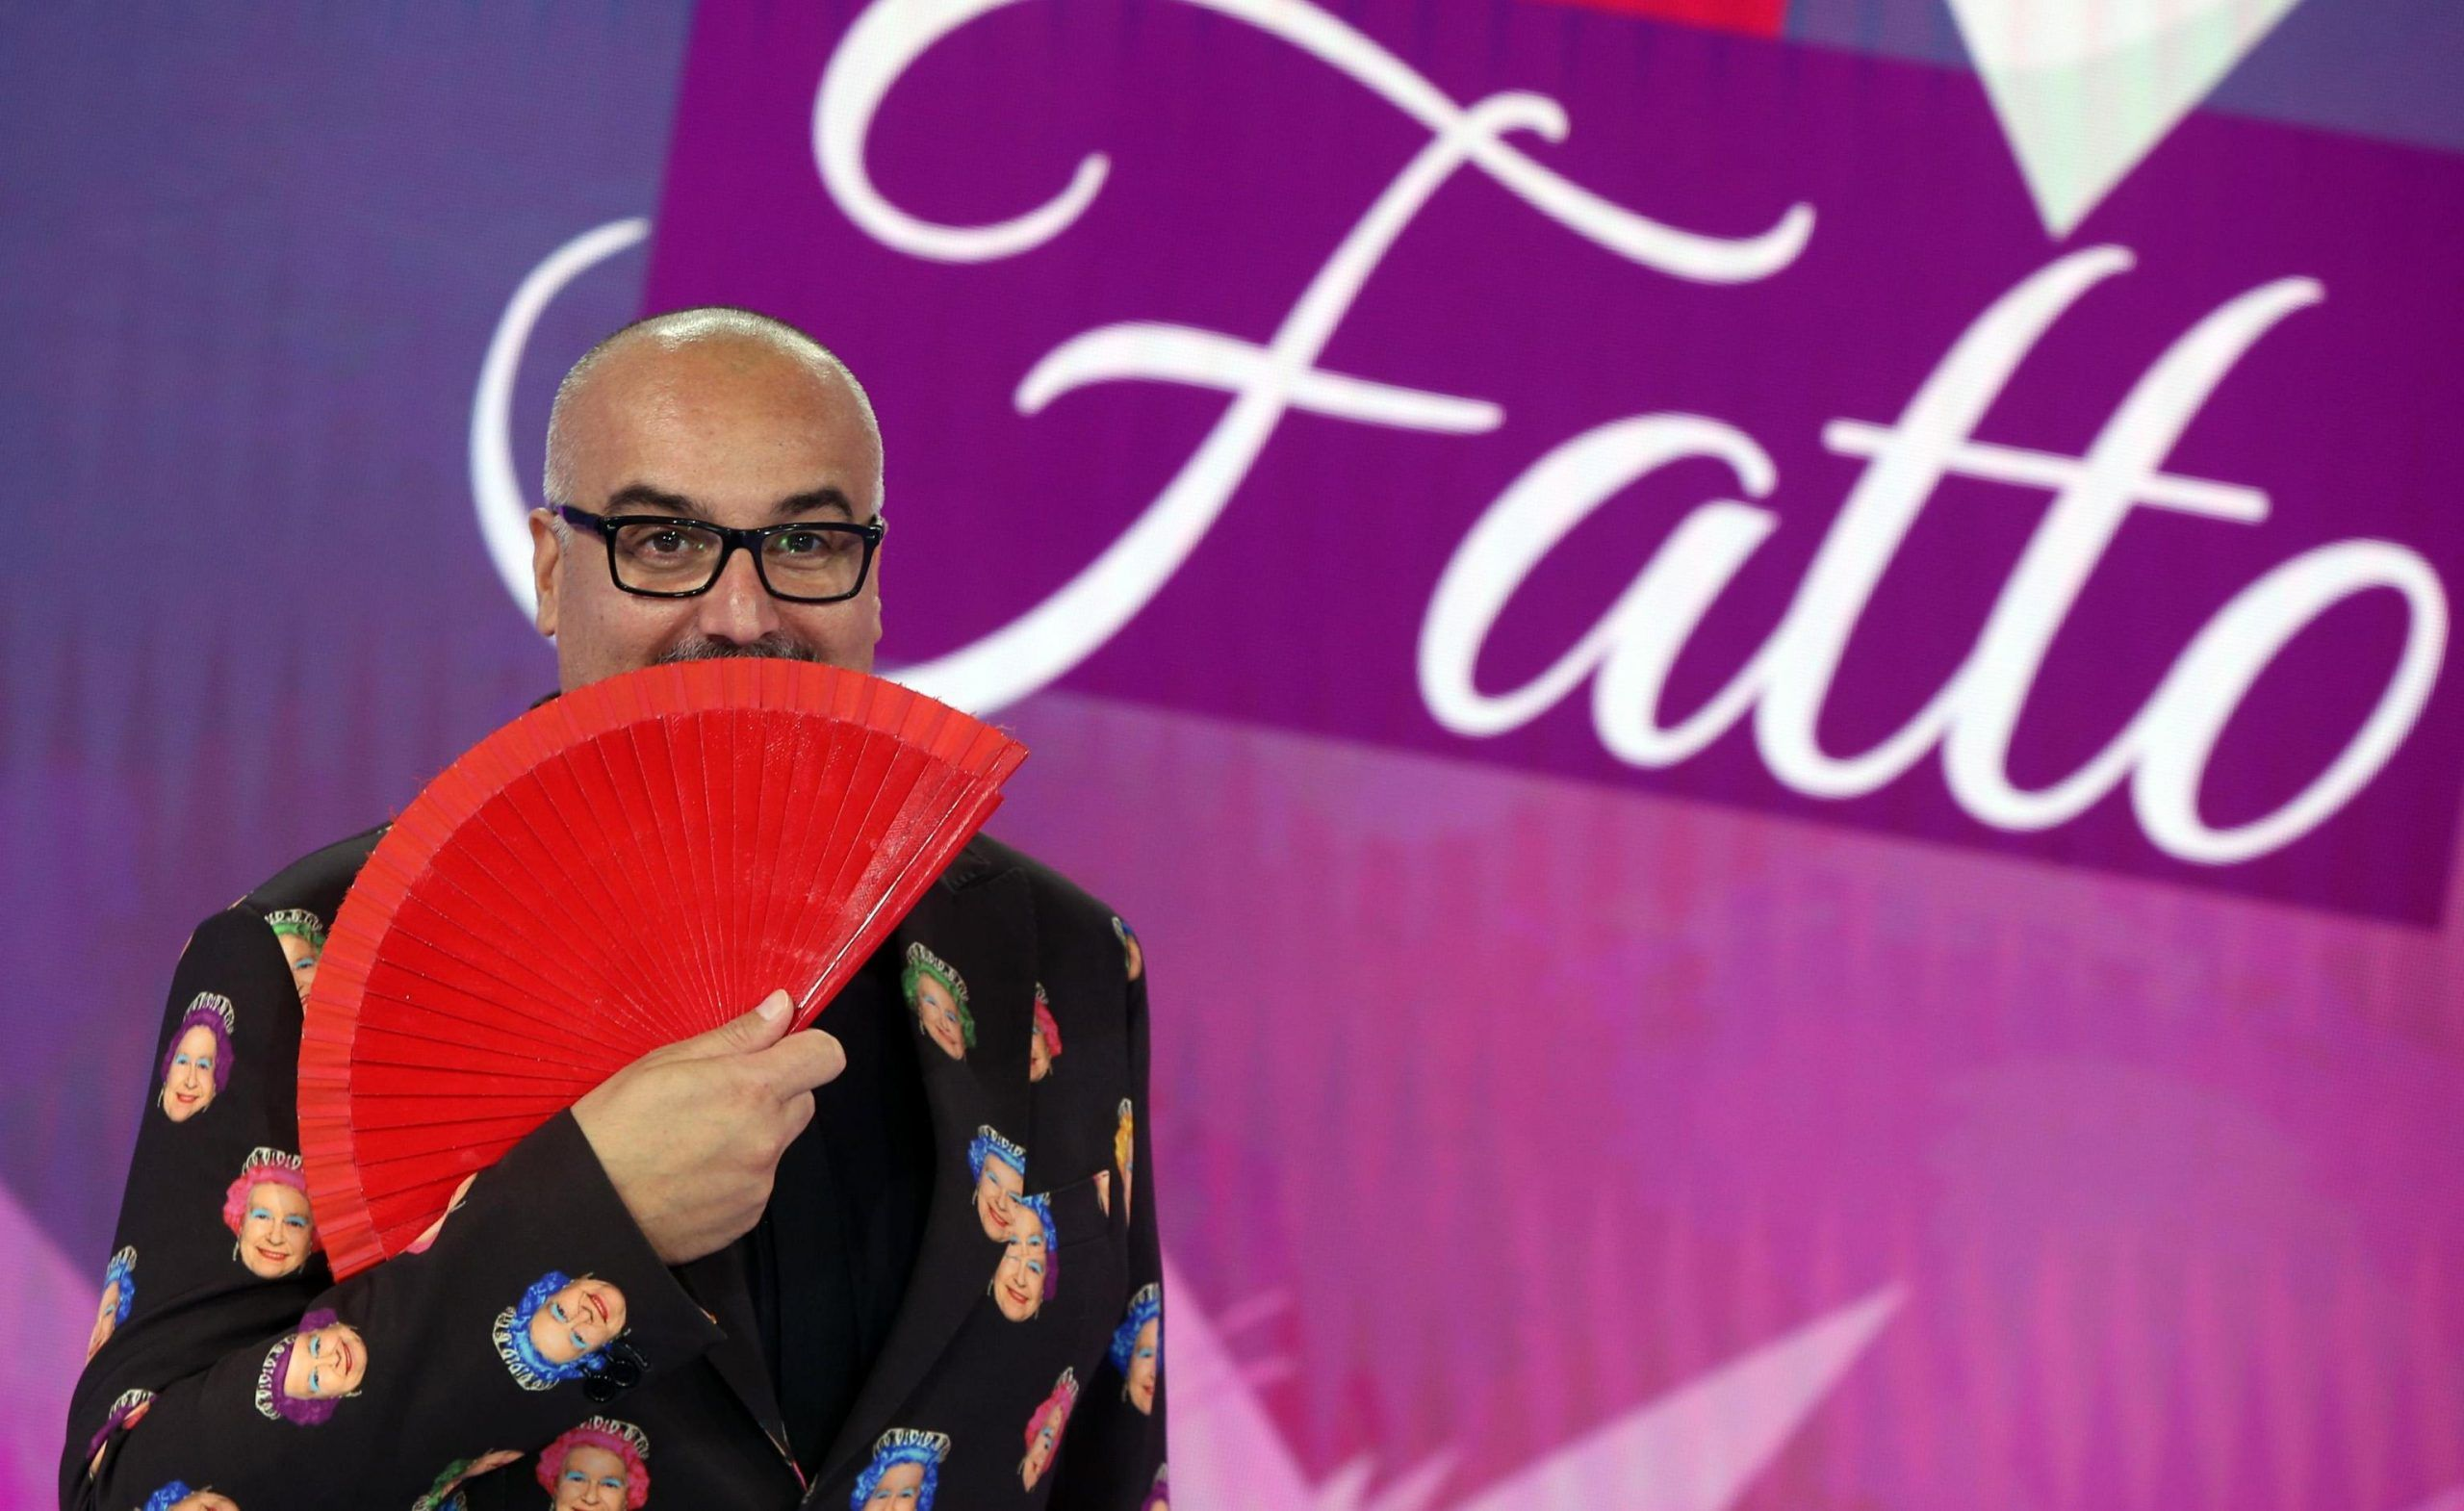 Giovanni Ciacci: 'Voglio diventare padre. Abbandonerei tutto per questo sogno'